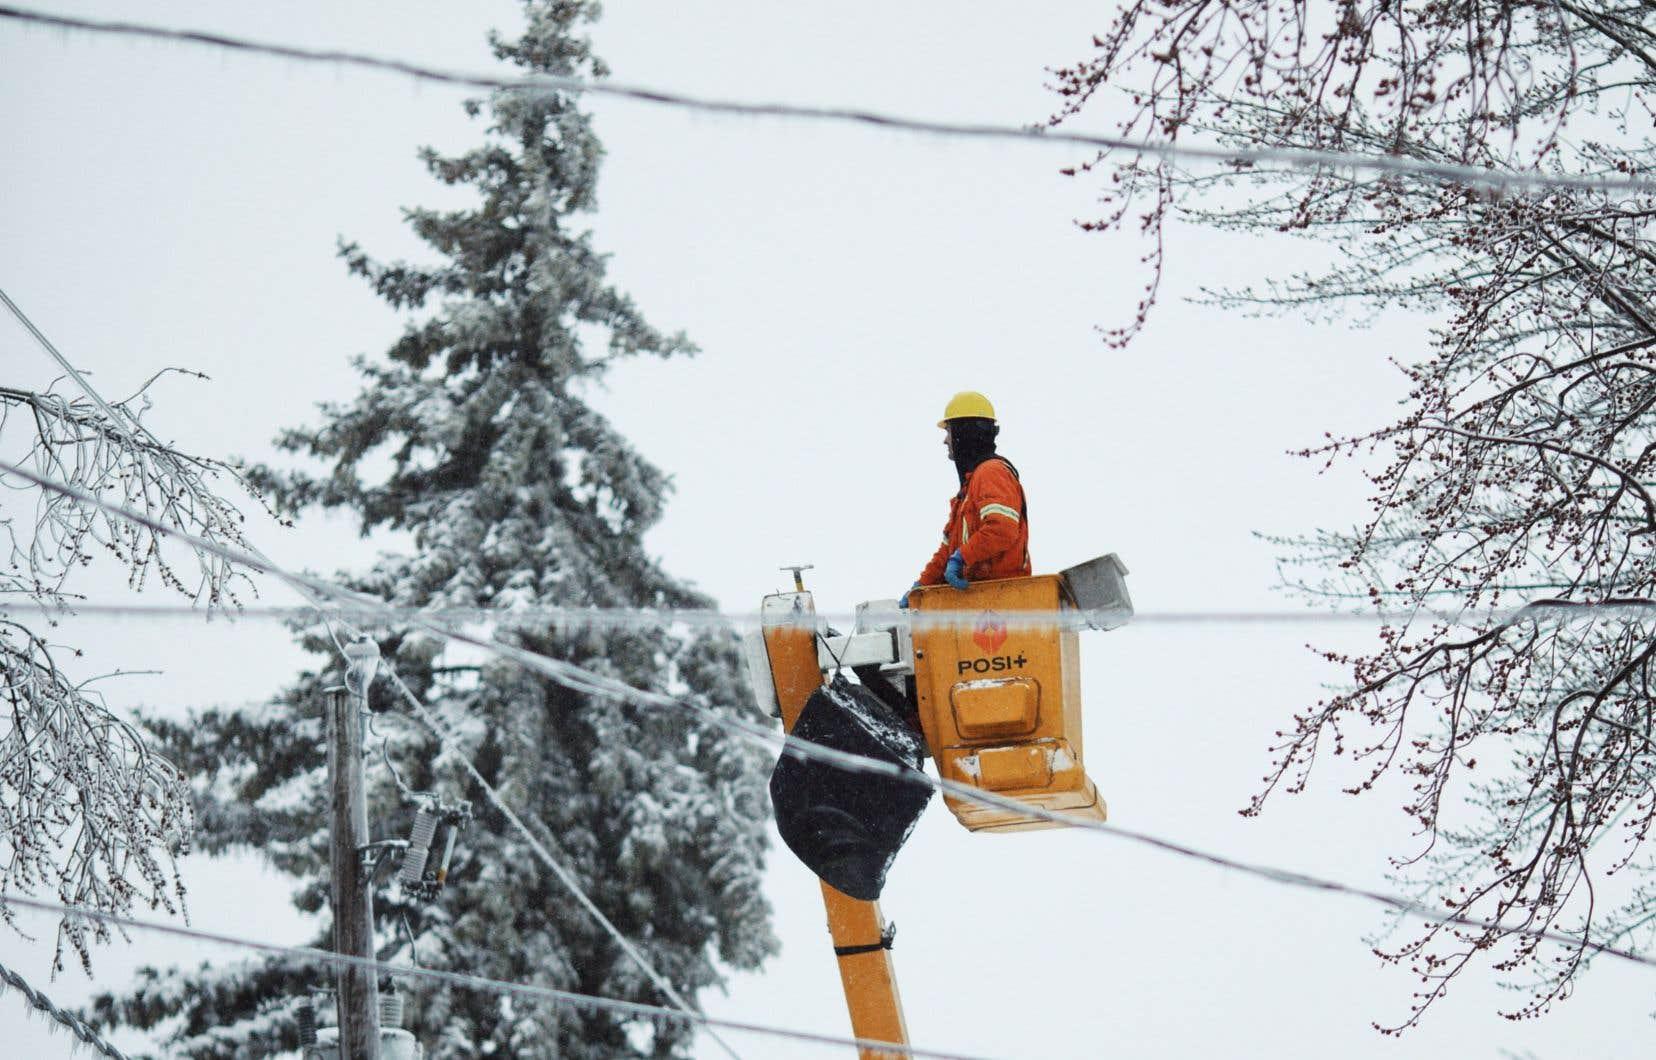 Les équipes d'Hydro-Québec étaient à pied d'œuvre pour rétablir le courant le plus rapidement possible.